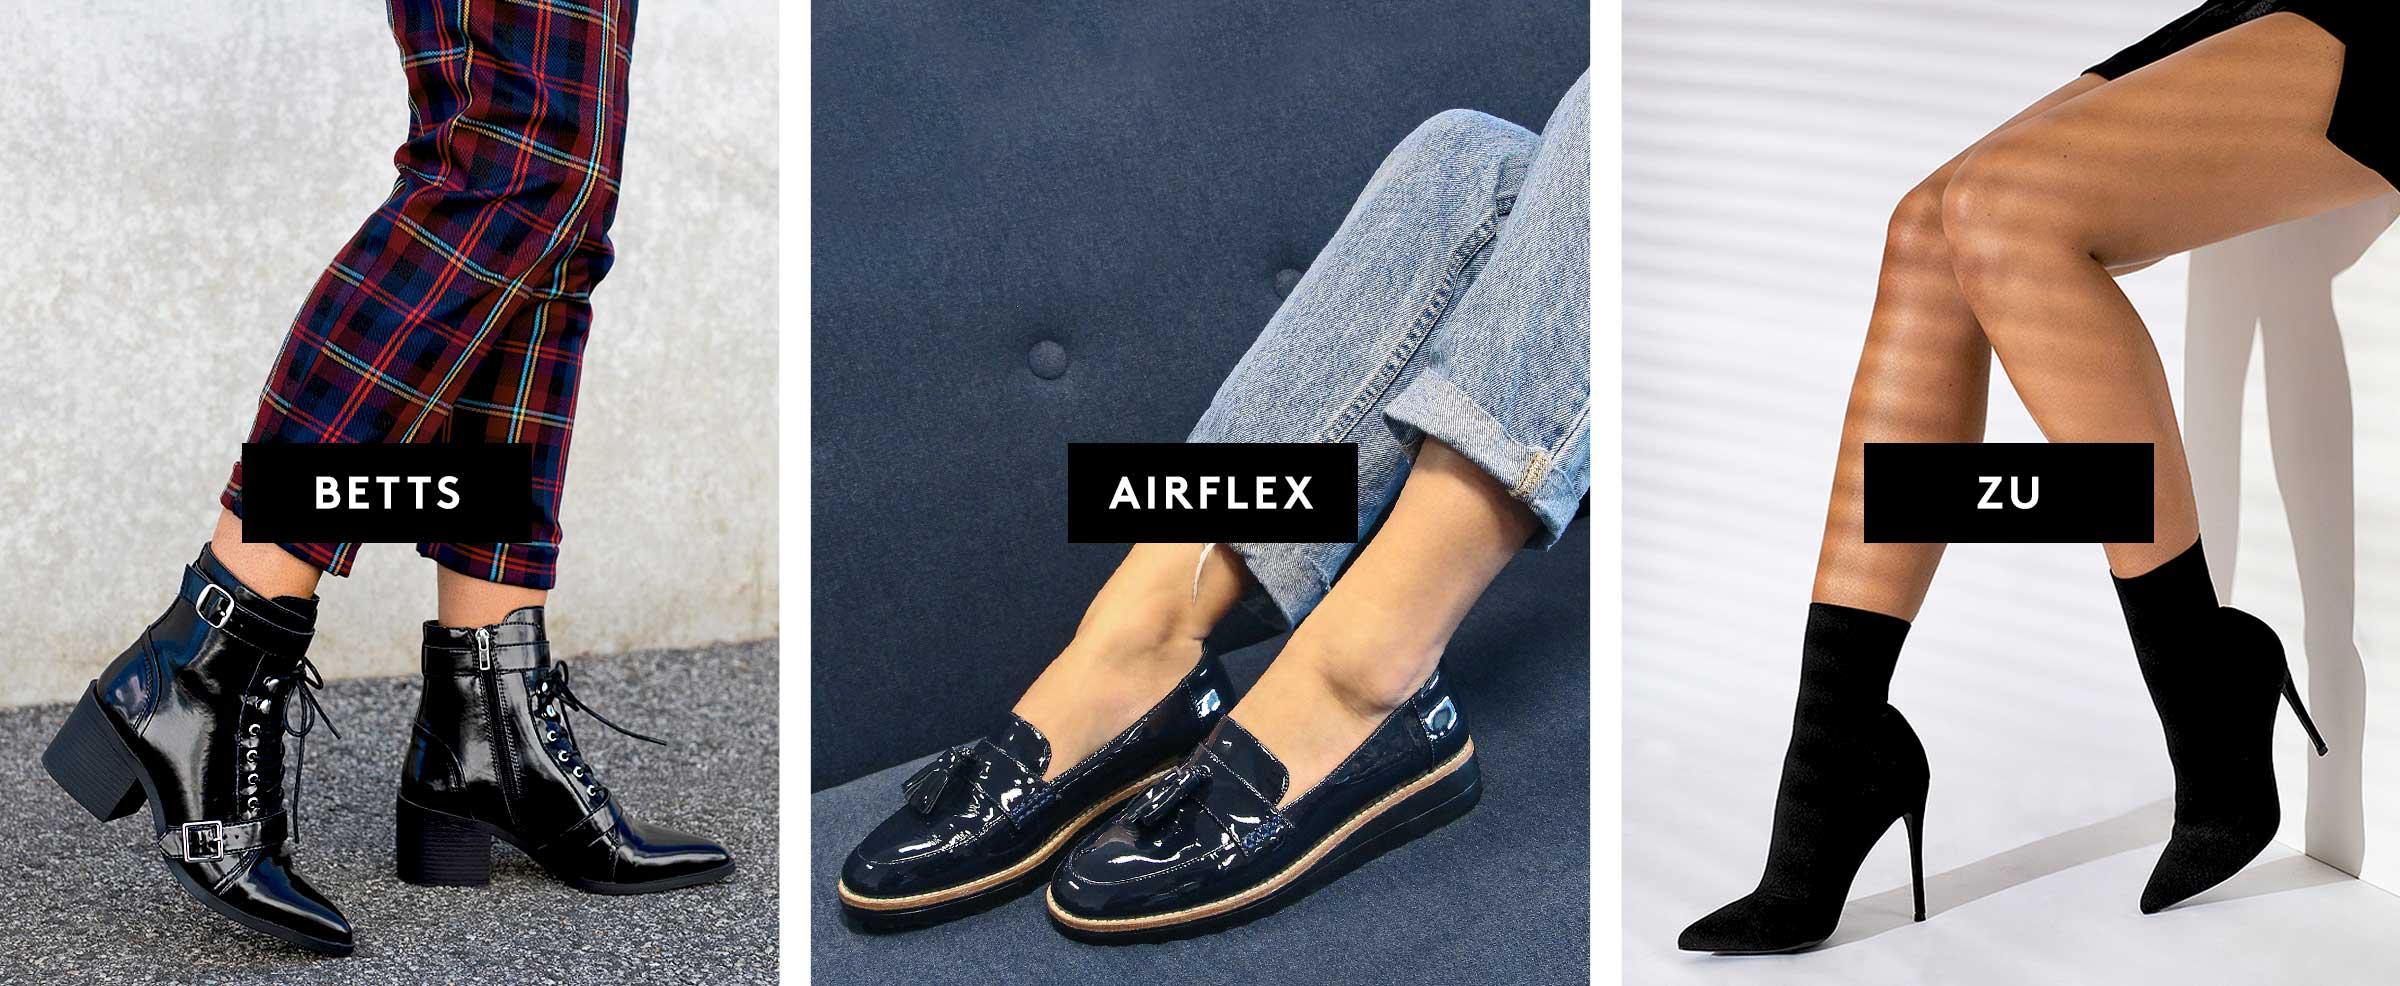 Shop Betts, Airflex & ZU